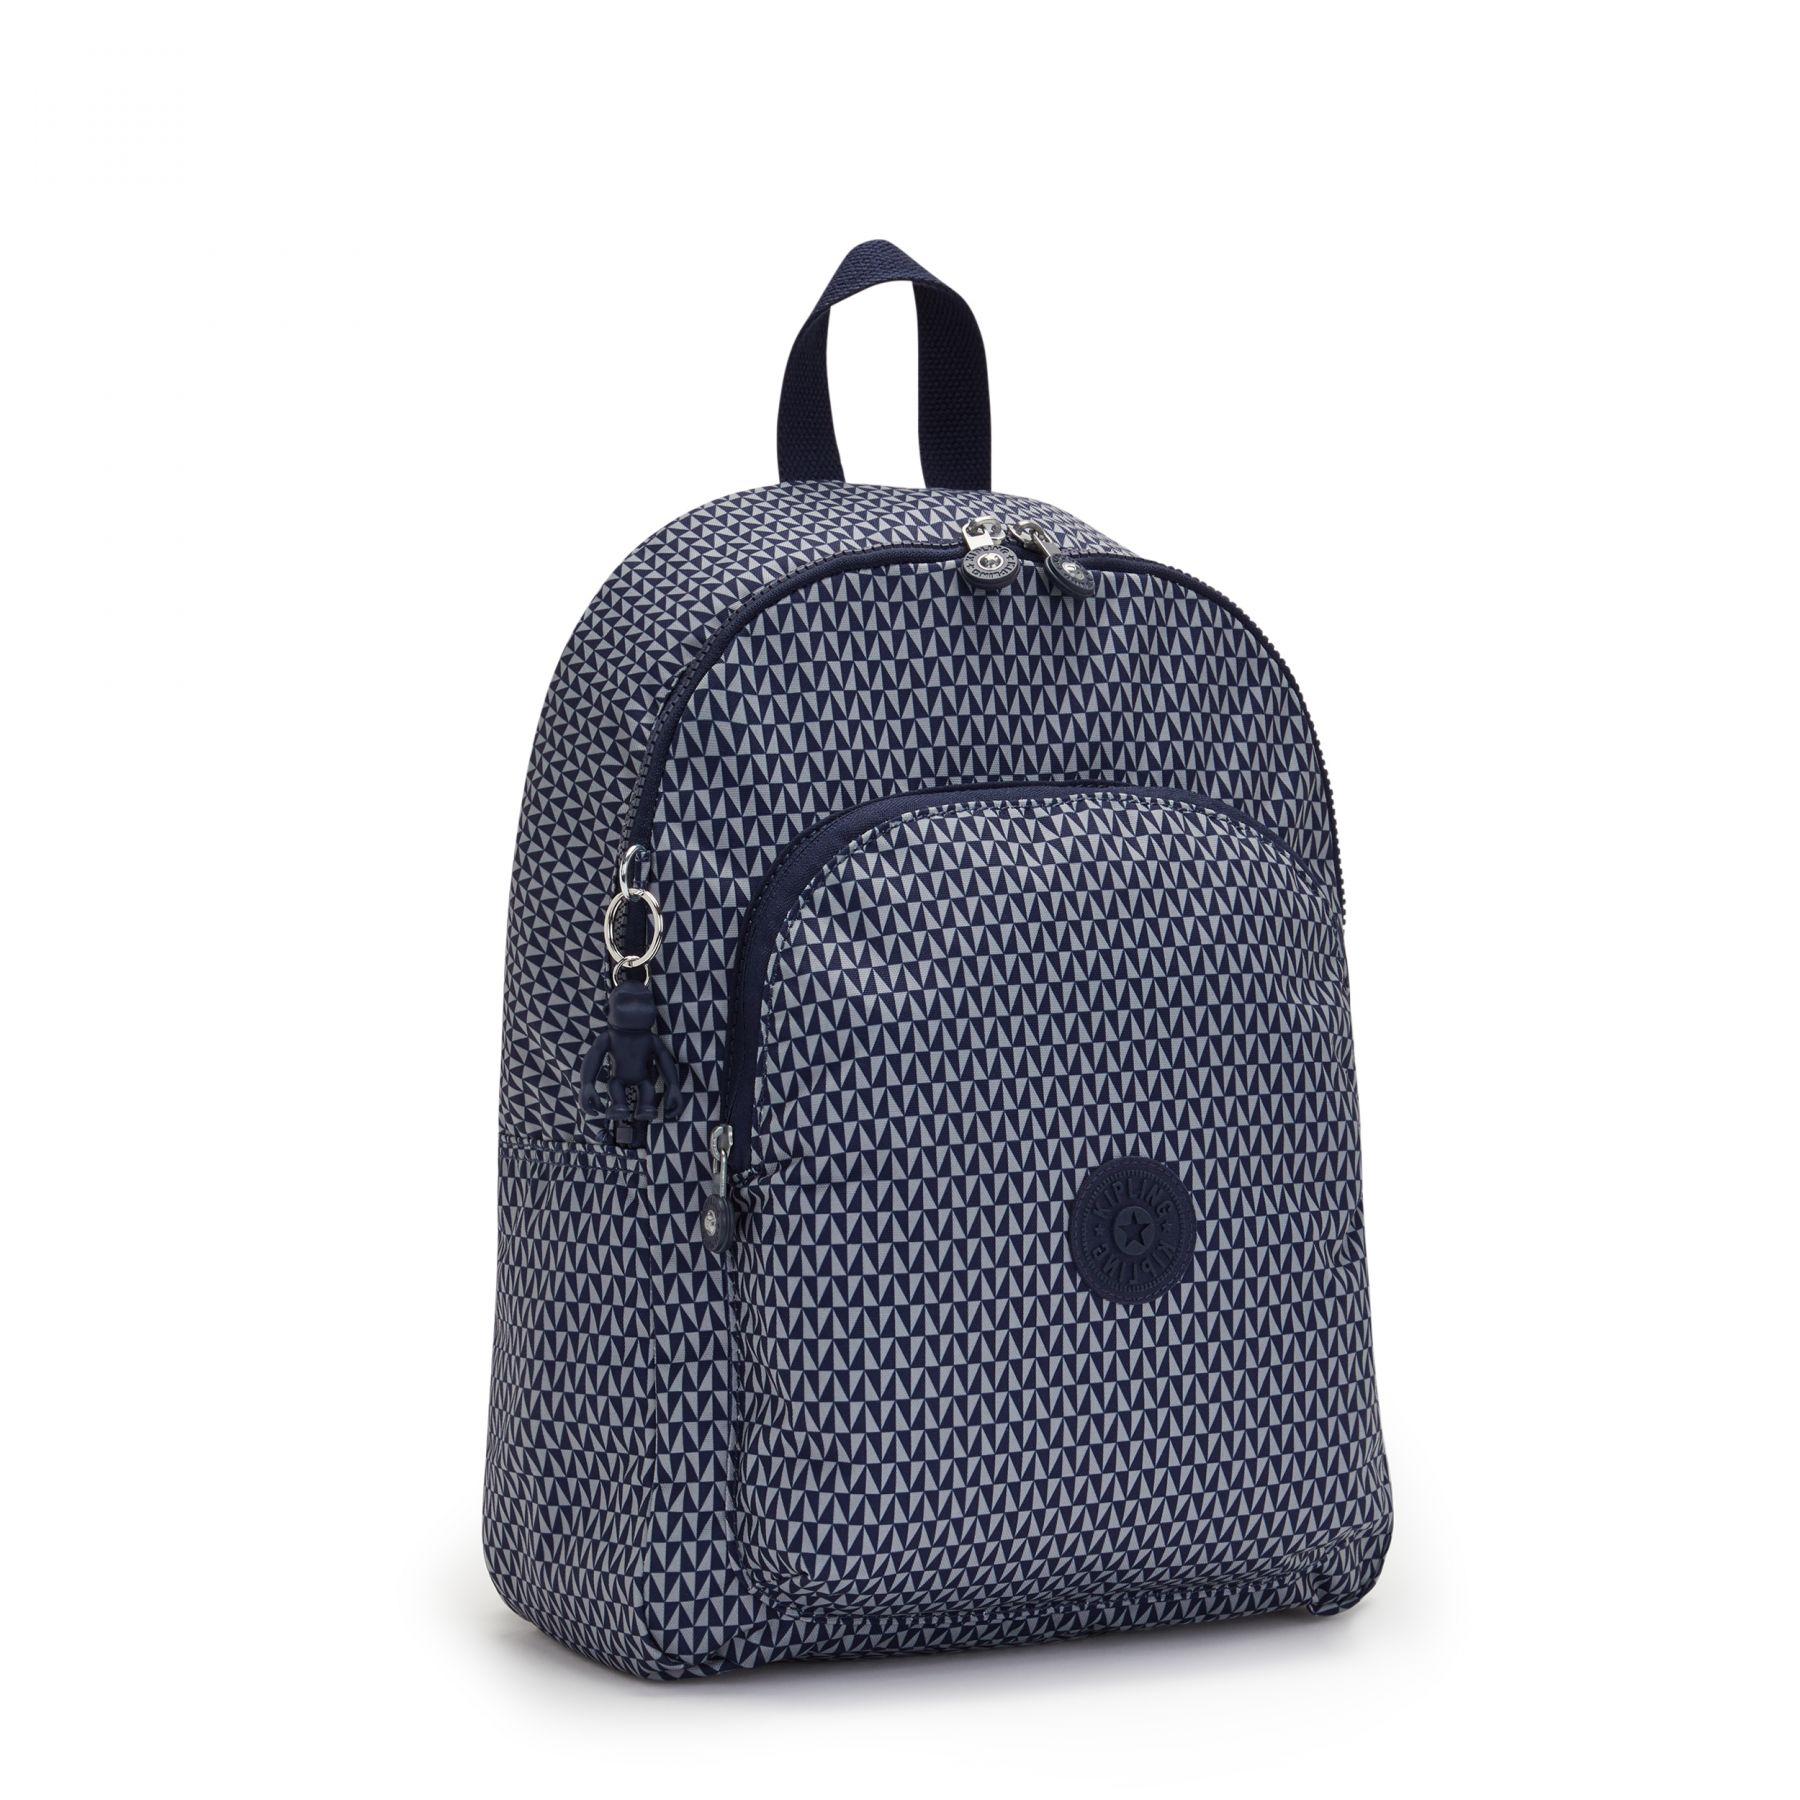 CURTIS M SCHOOL BAGS by Kipling - view 4